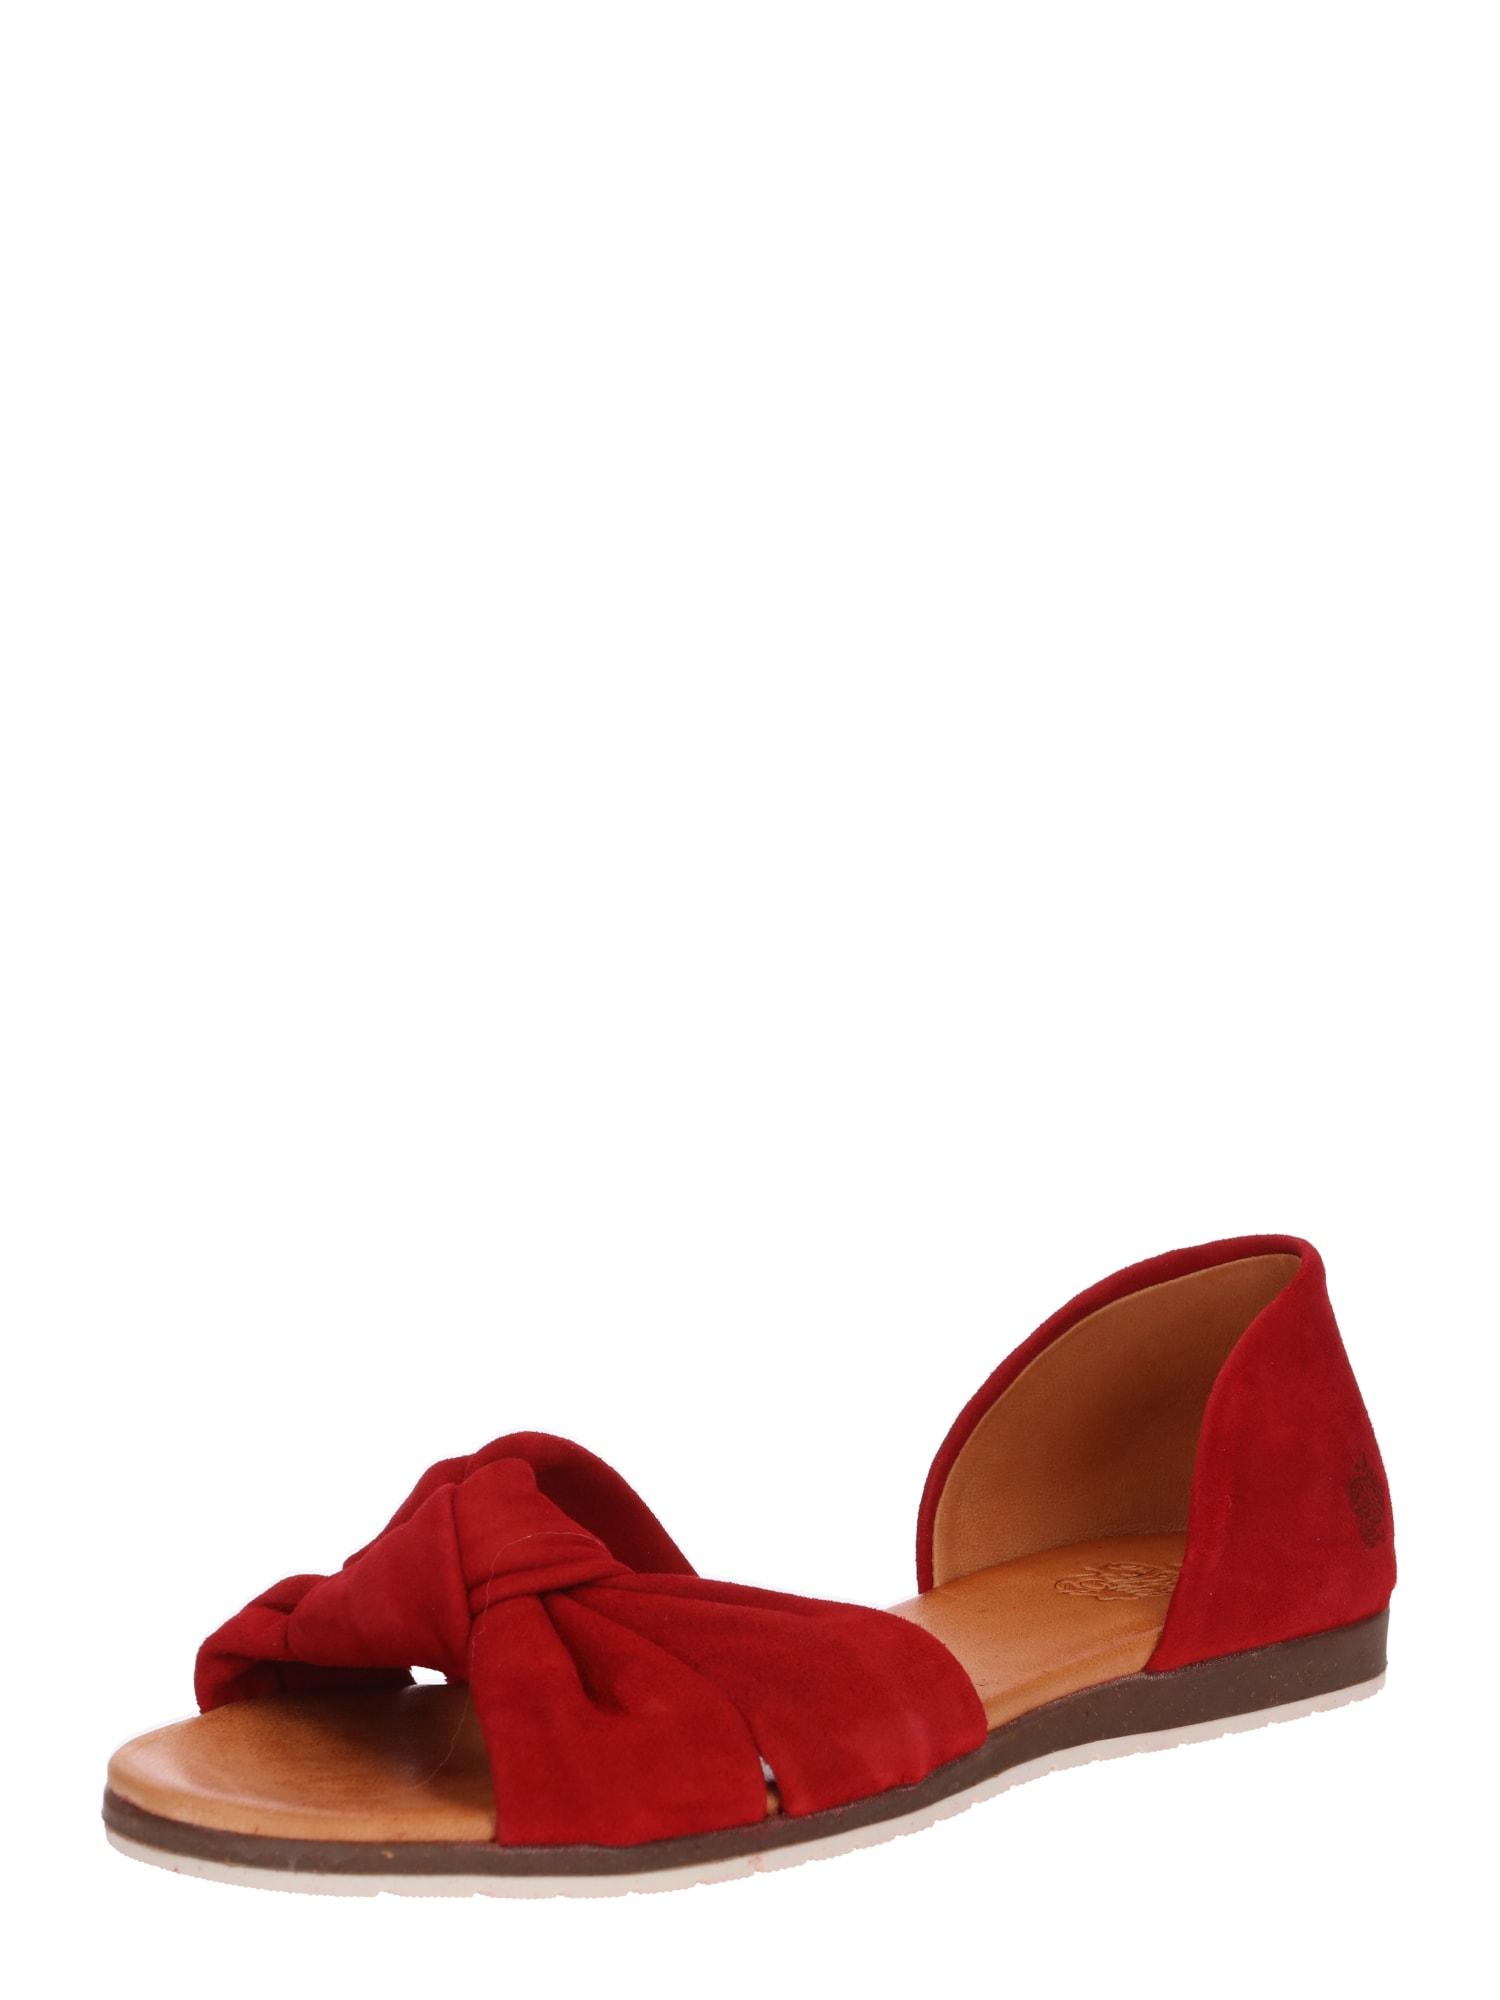 Sandály Chelsea béžová červená Apple Of Eden